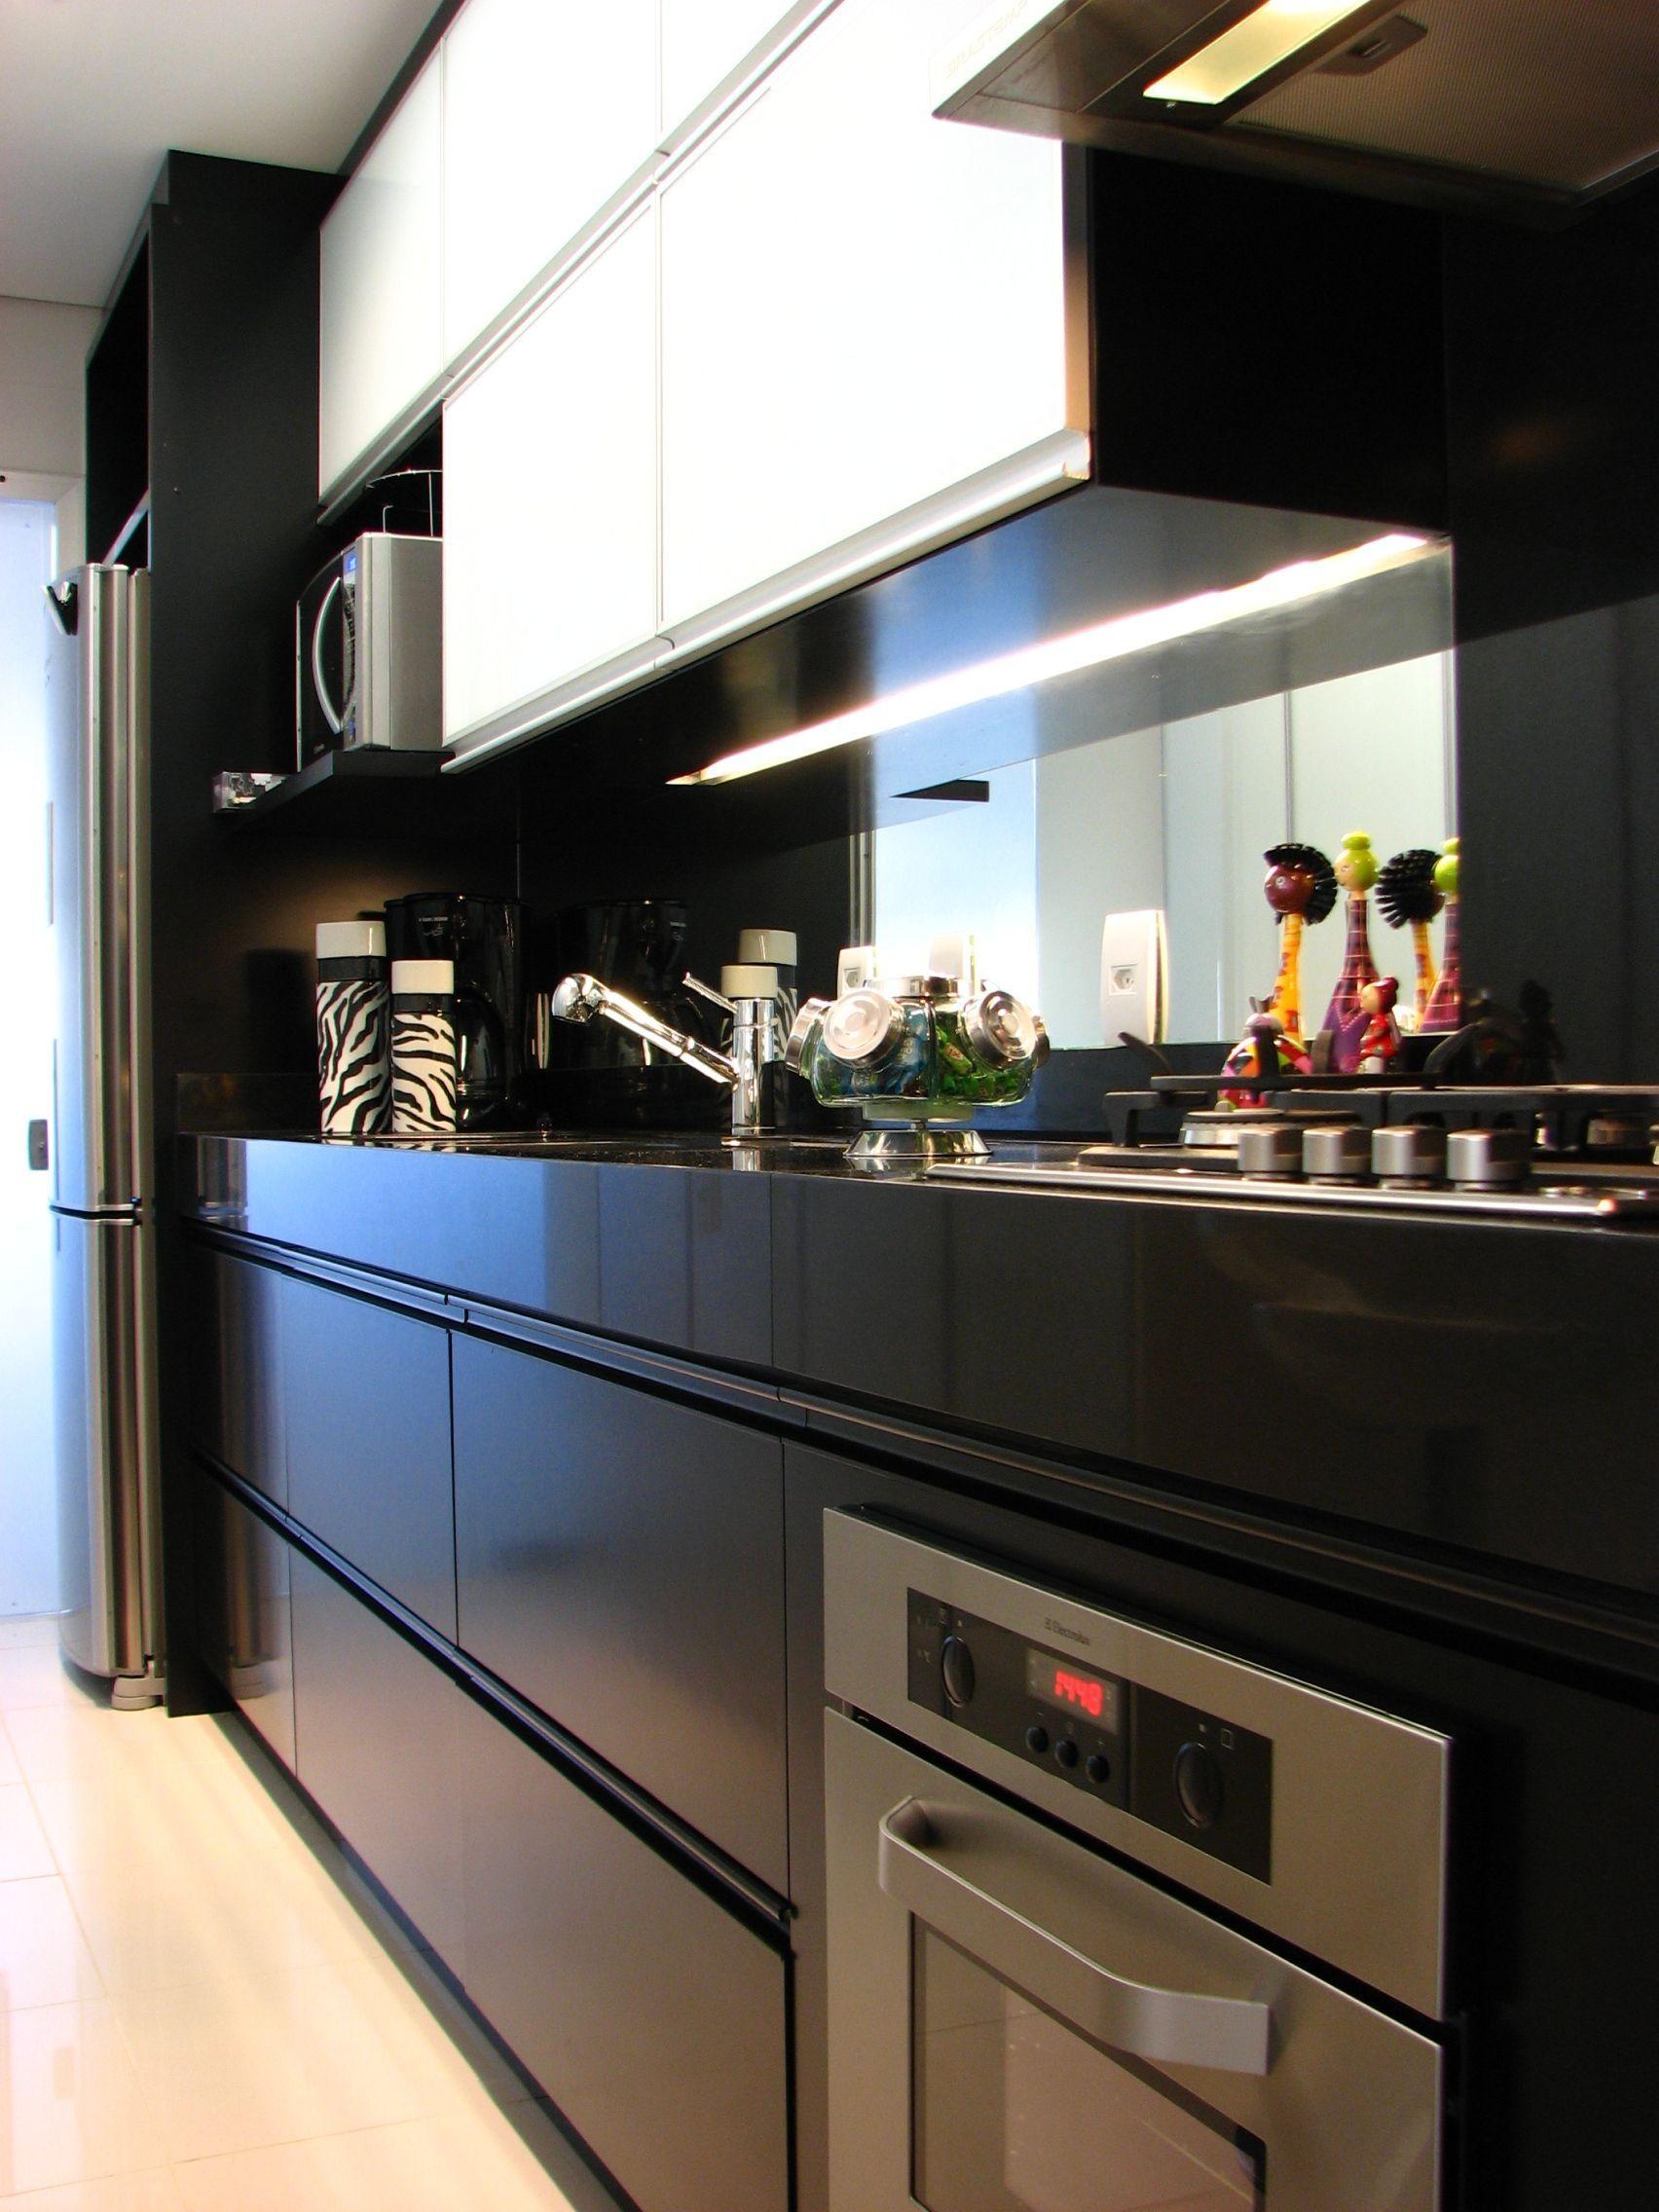 #385D93  Cozinha Preta E Branca no Pinterest Cozinha Preta Cozinhas e Mesa 1704x2272 px Fornecedores De Cozinha_754 Imagens